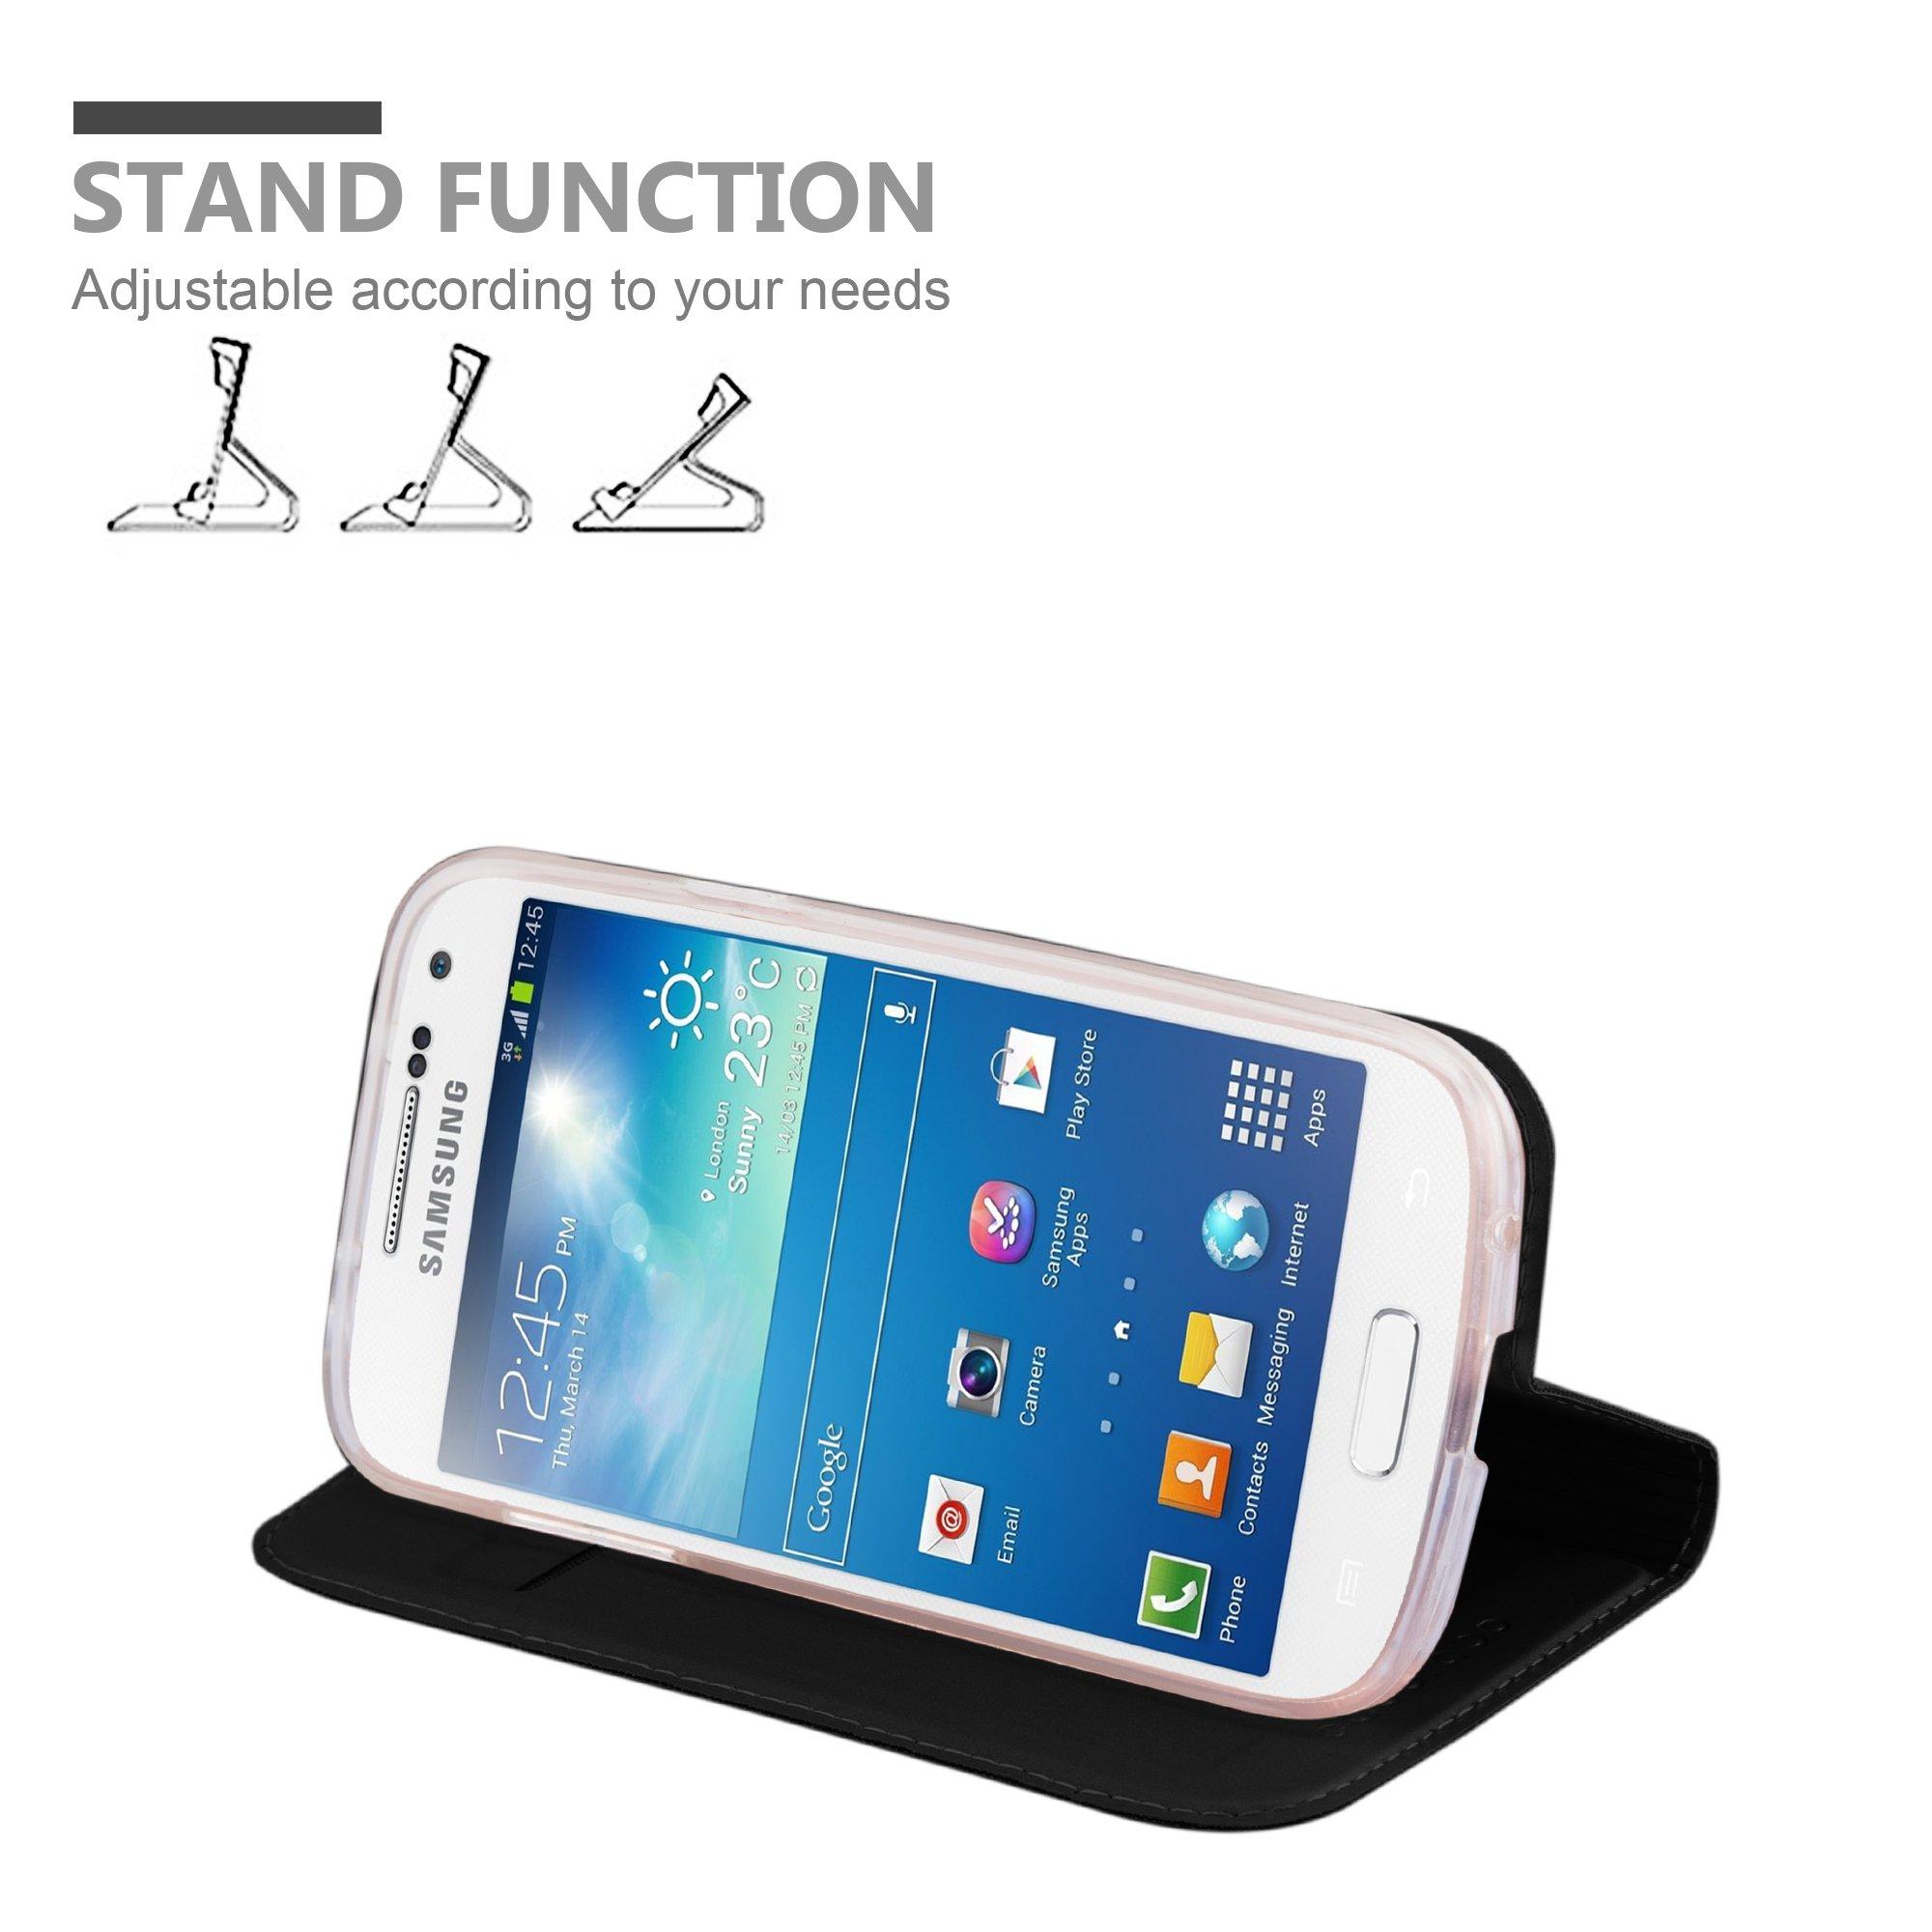 Samsung Galaxy S4 MINI Hülle in SCHWARZ von Cadorabo - Handy-Hülle im Metallic Look mit unsichtbarem Magnet-verschluss und Karten-Fach Case Cover Schutz-hülle Etui Tasche Book Klapp Style